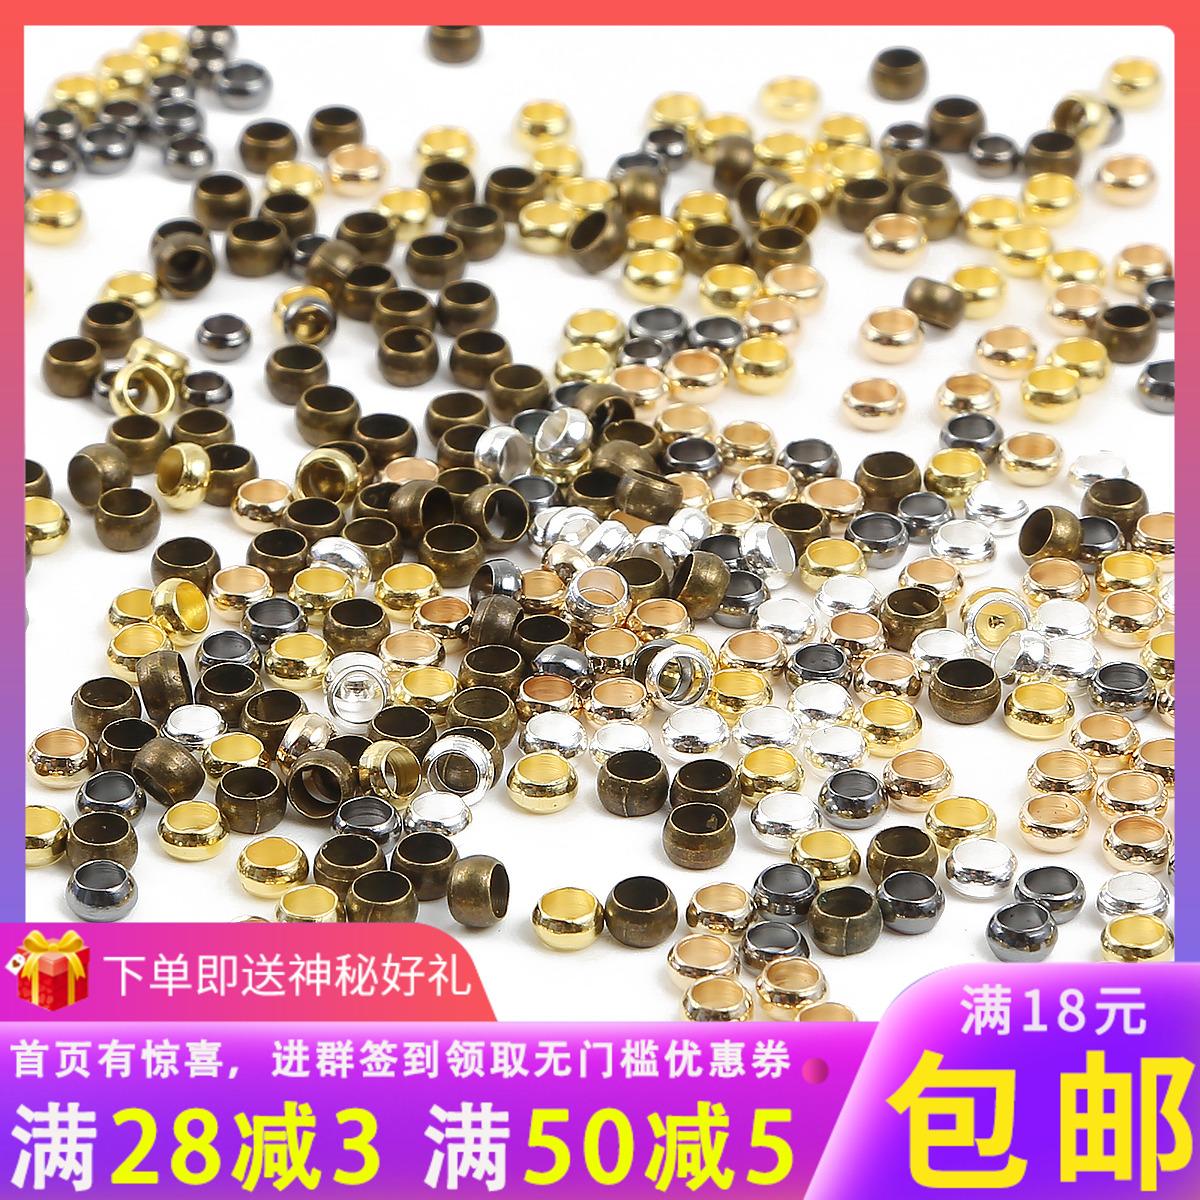 diy饰品材料配件铜制六色定位珠穿手链项链固定珠串珠定位扣珠子